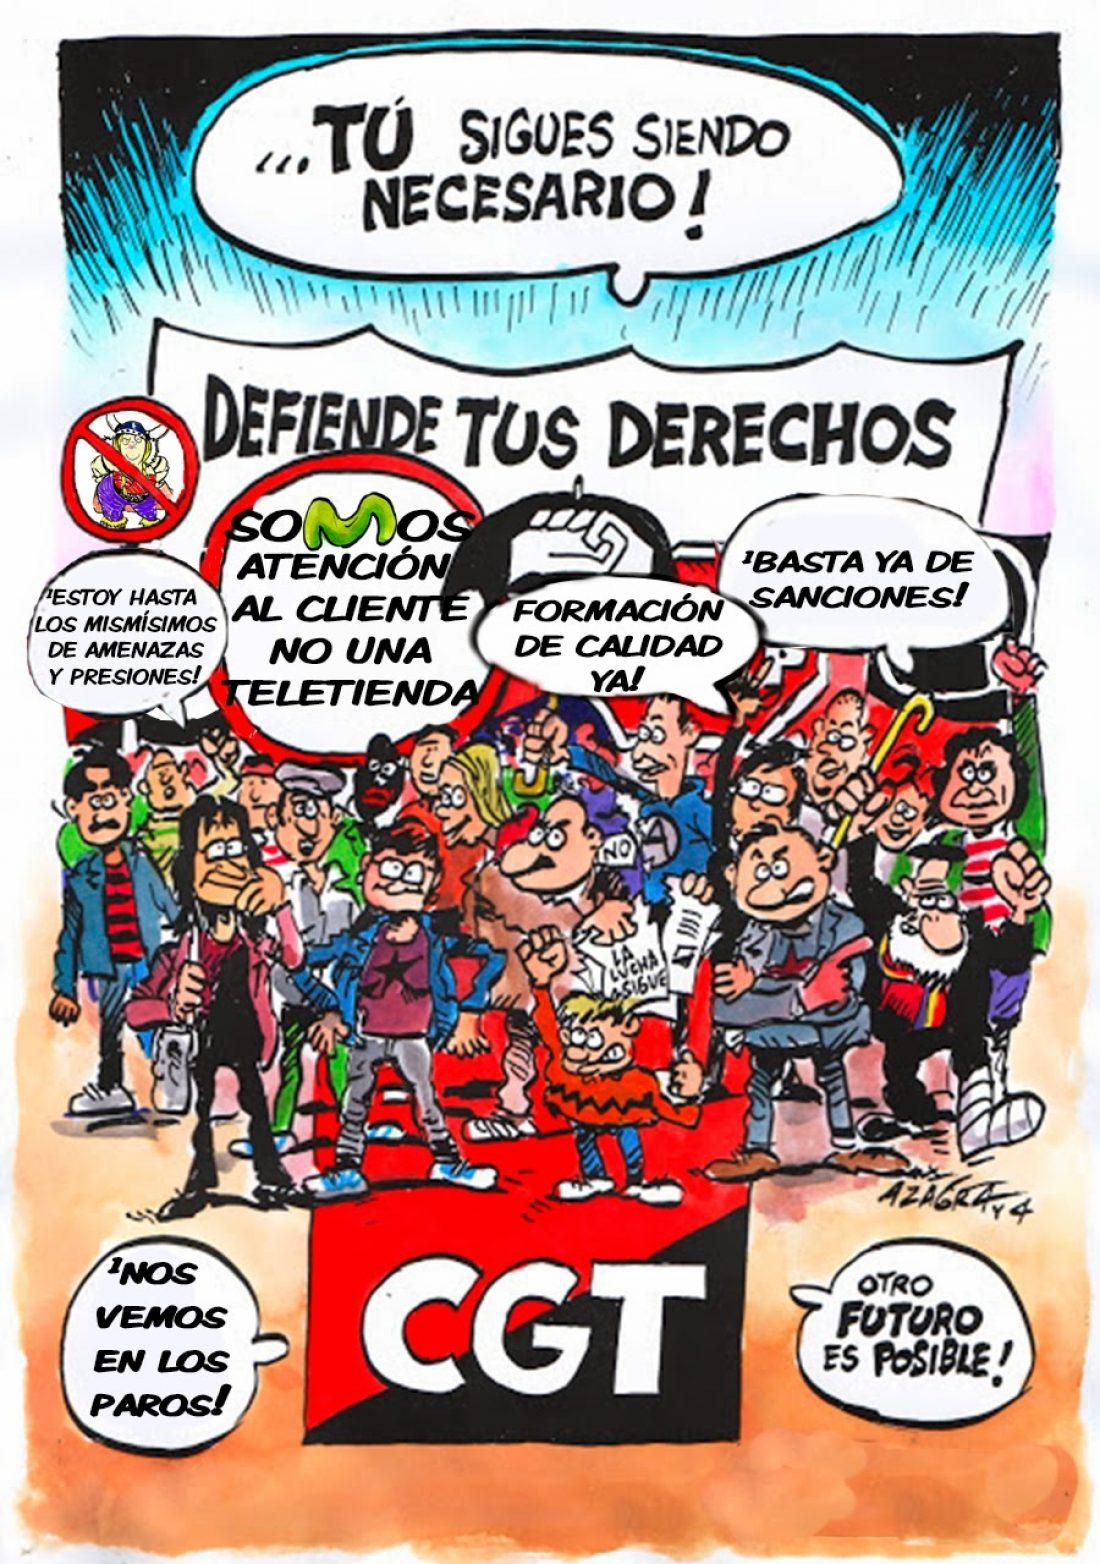 El lunes 7 de abril: nueva huelga en Atento y Extel